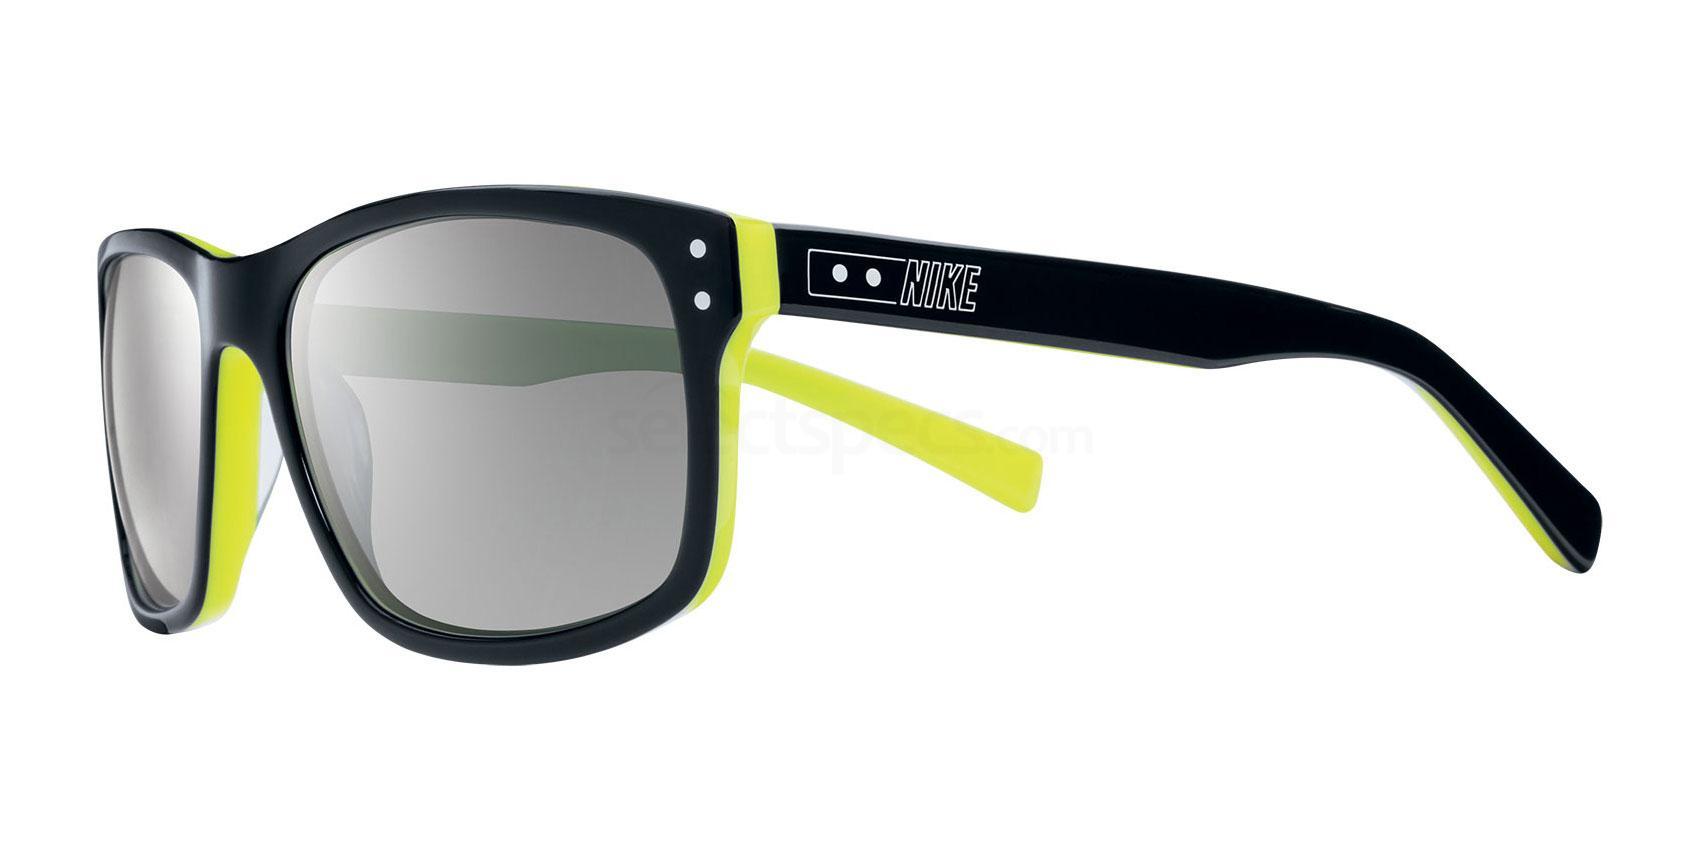 007 VINTAGE 80 EV0632 (2/2) Sunglasses, Nike